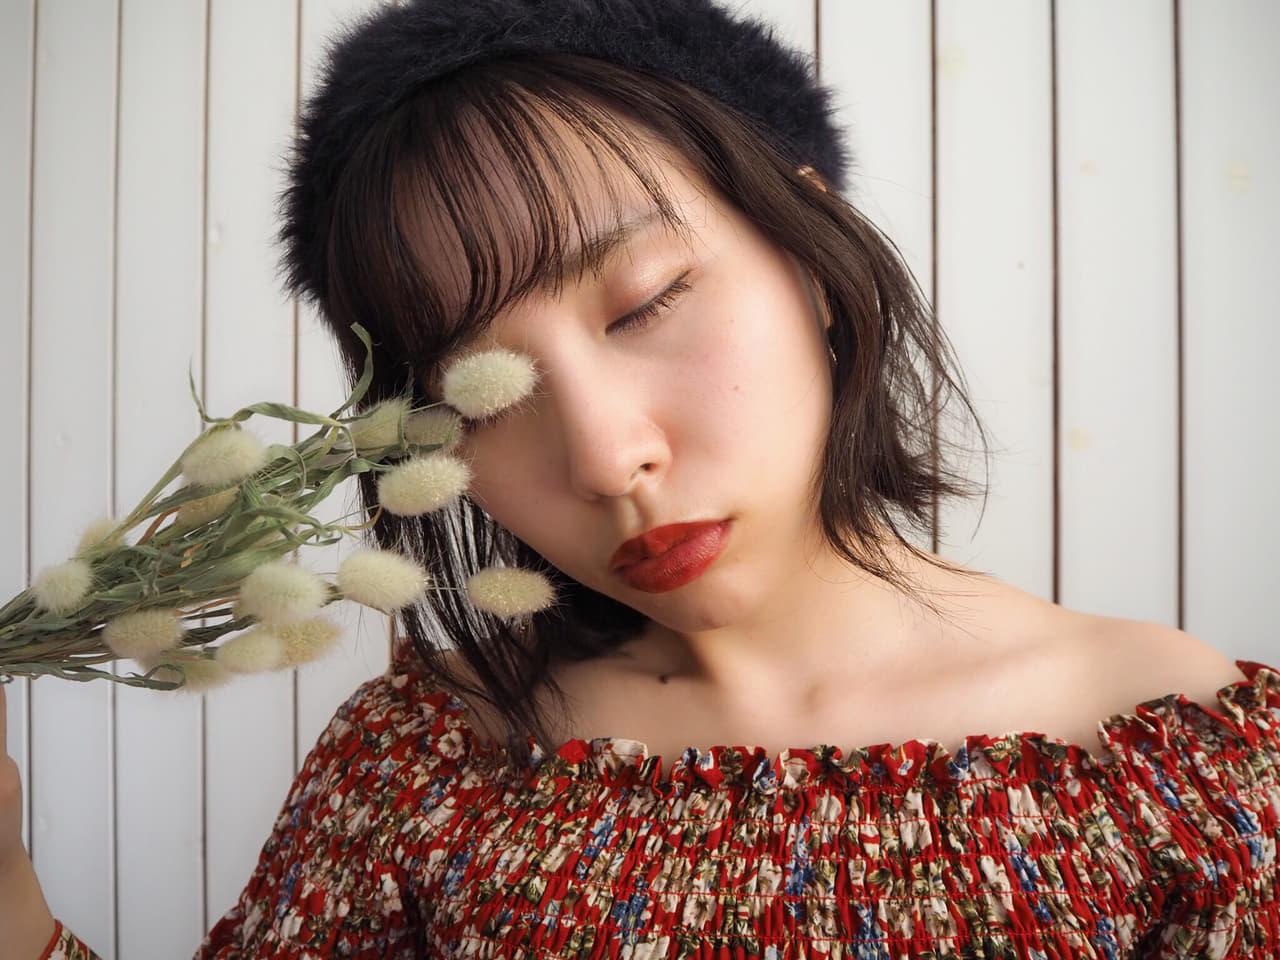 目を閉じた女性と花